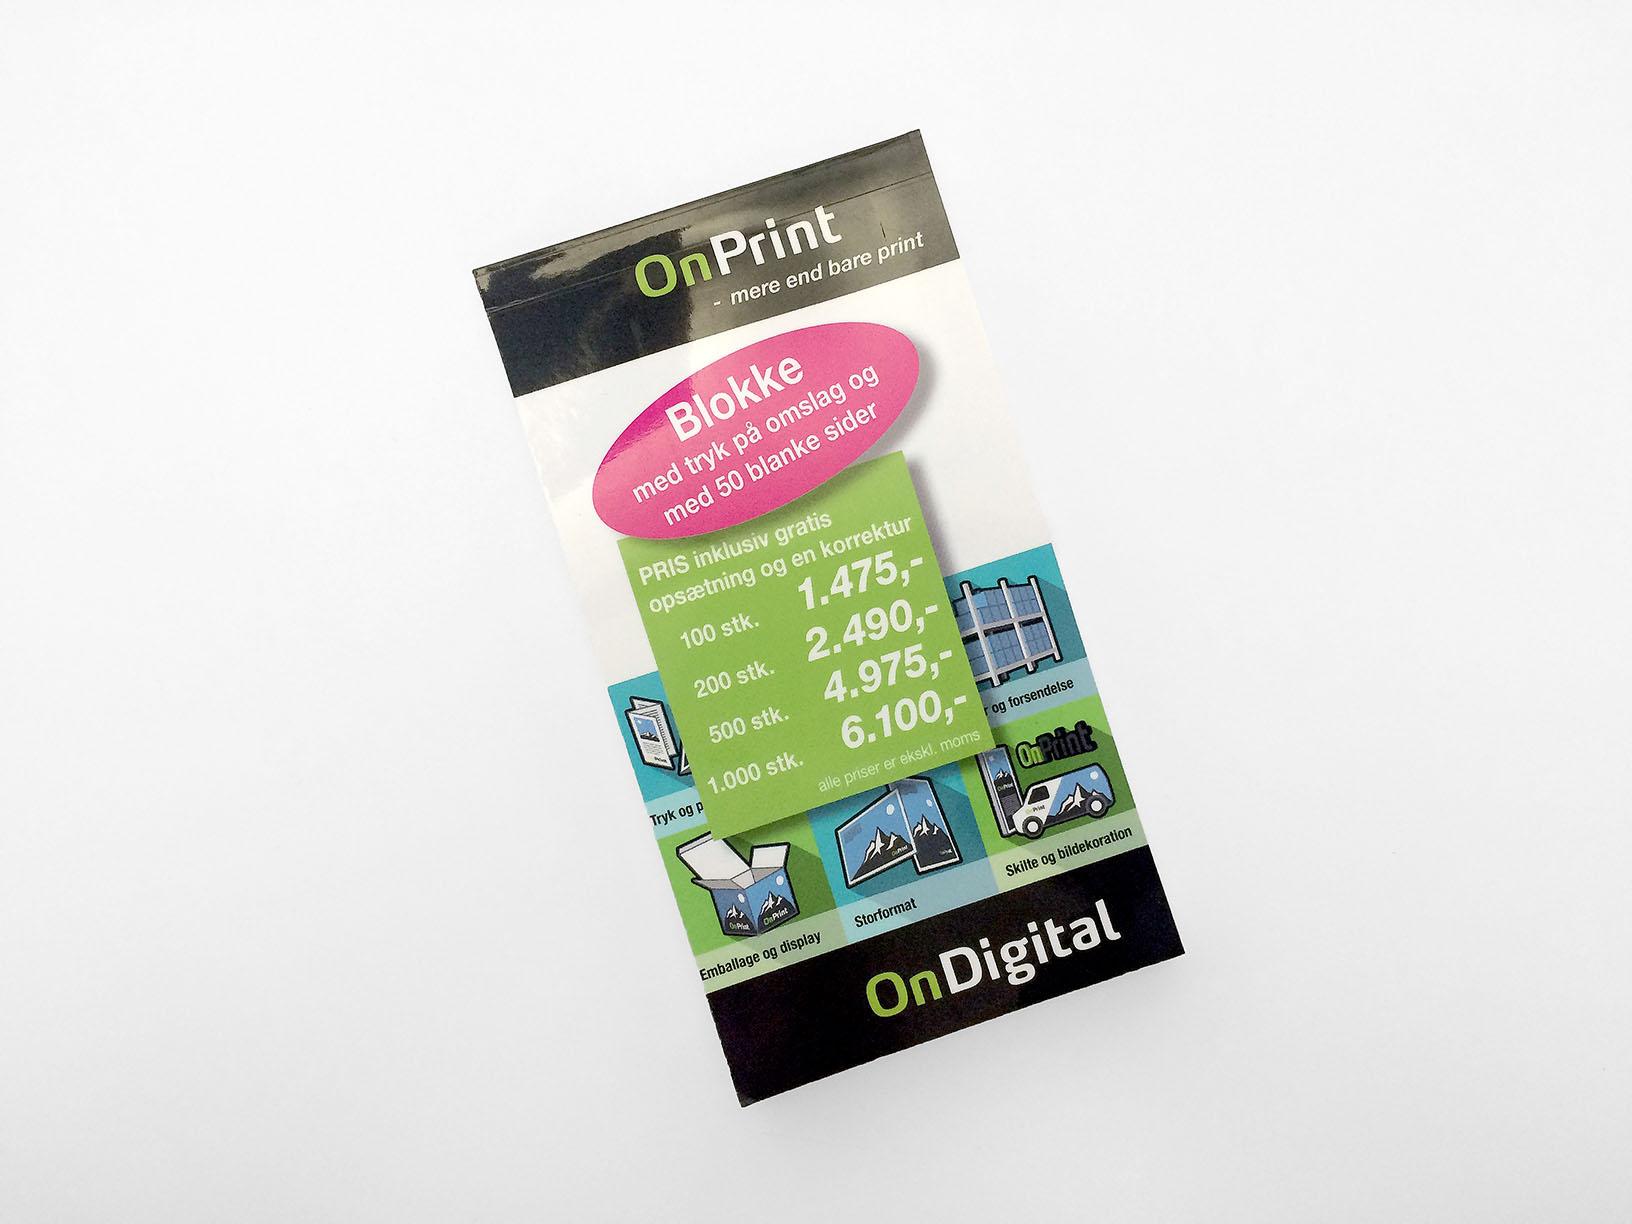 blokke onprint markedsføring